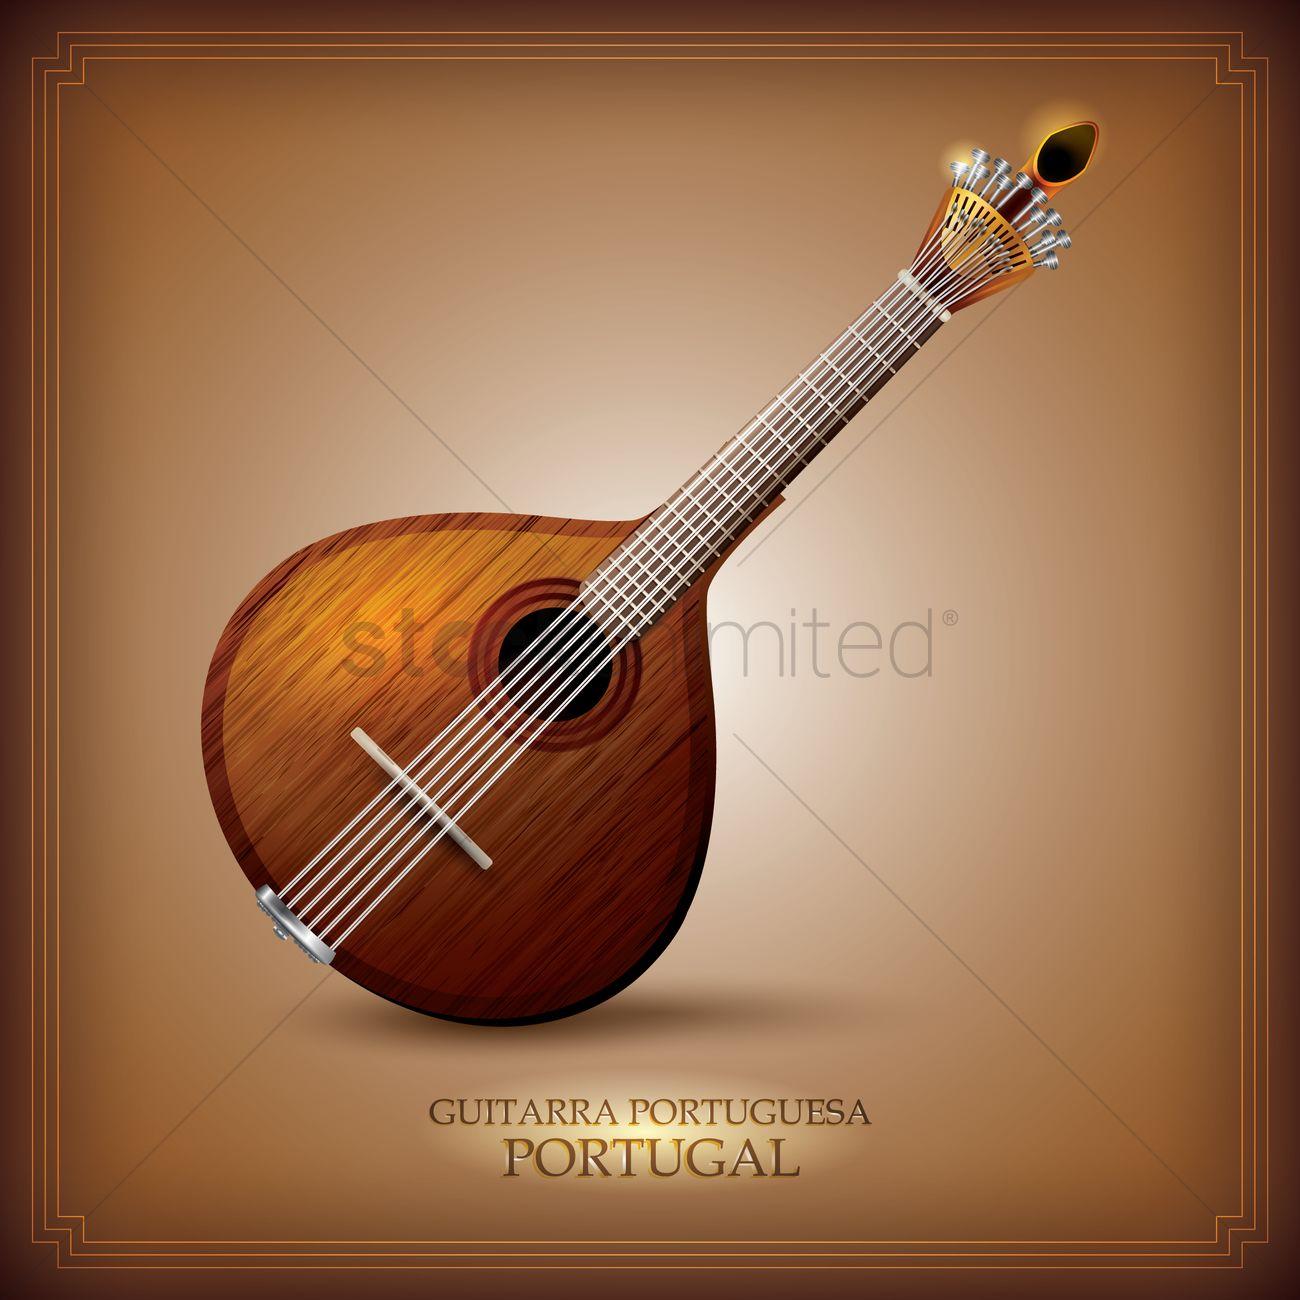 guitarra portuguesa vector image 1623358 stockunlimited guitar vector free guitar vector file